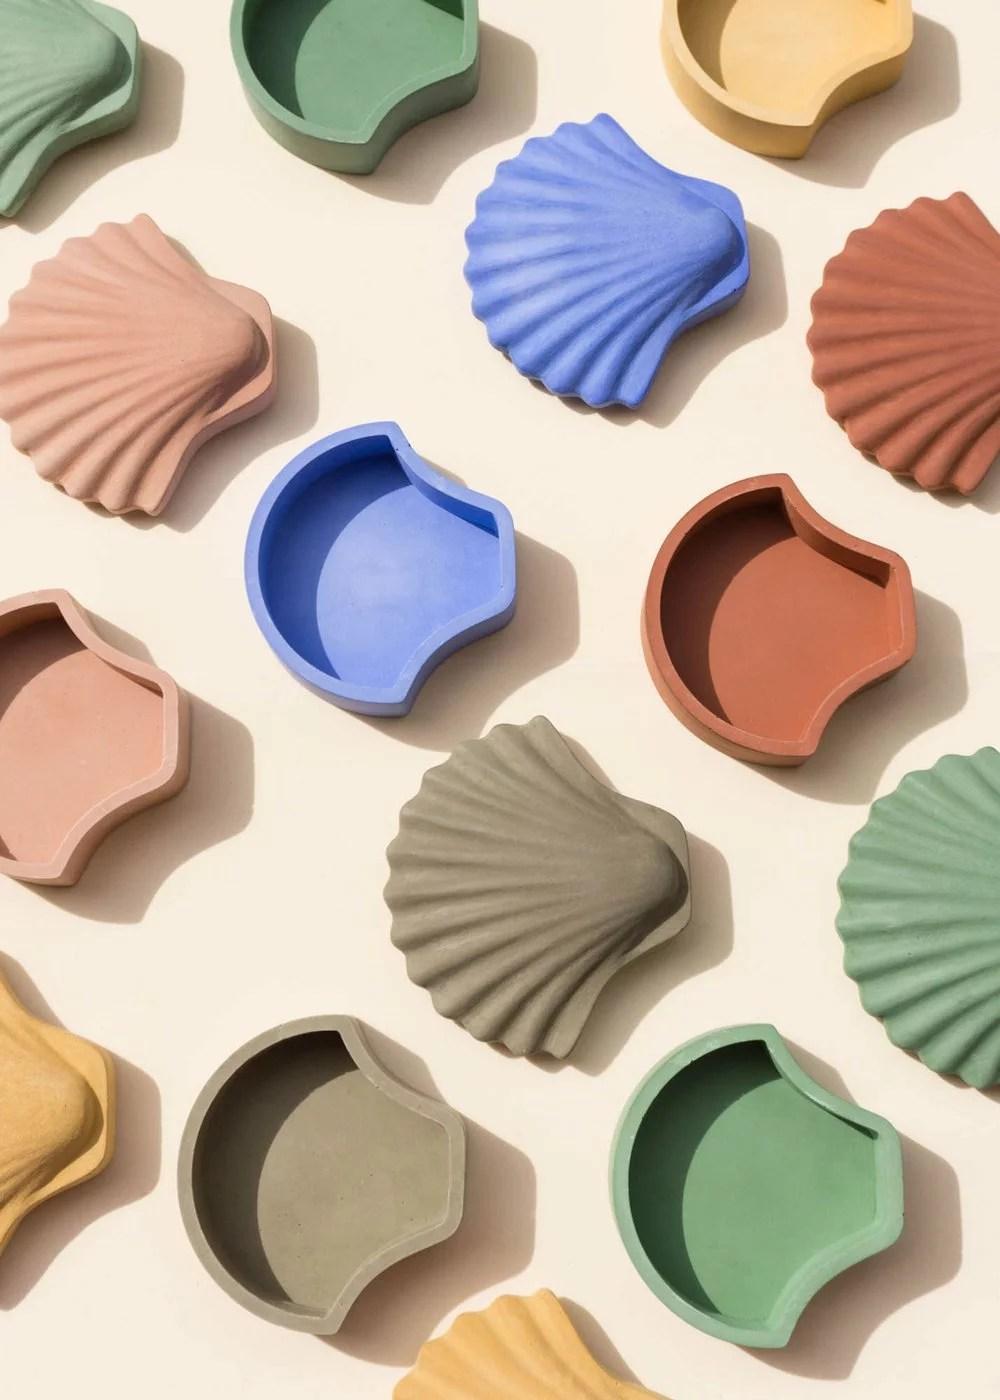 Los Objetos Decorativos, shell boxes